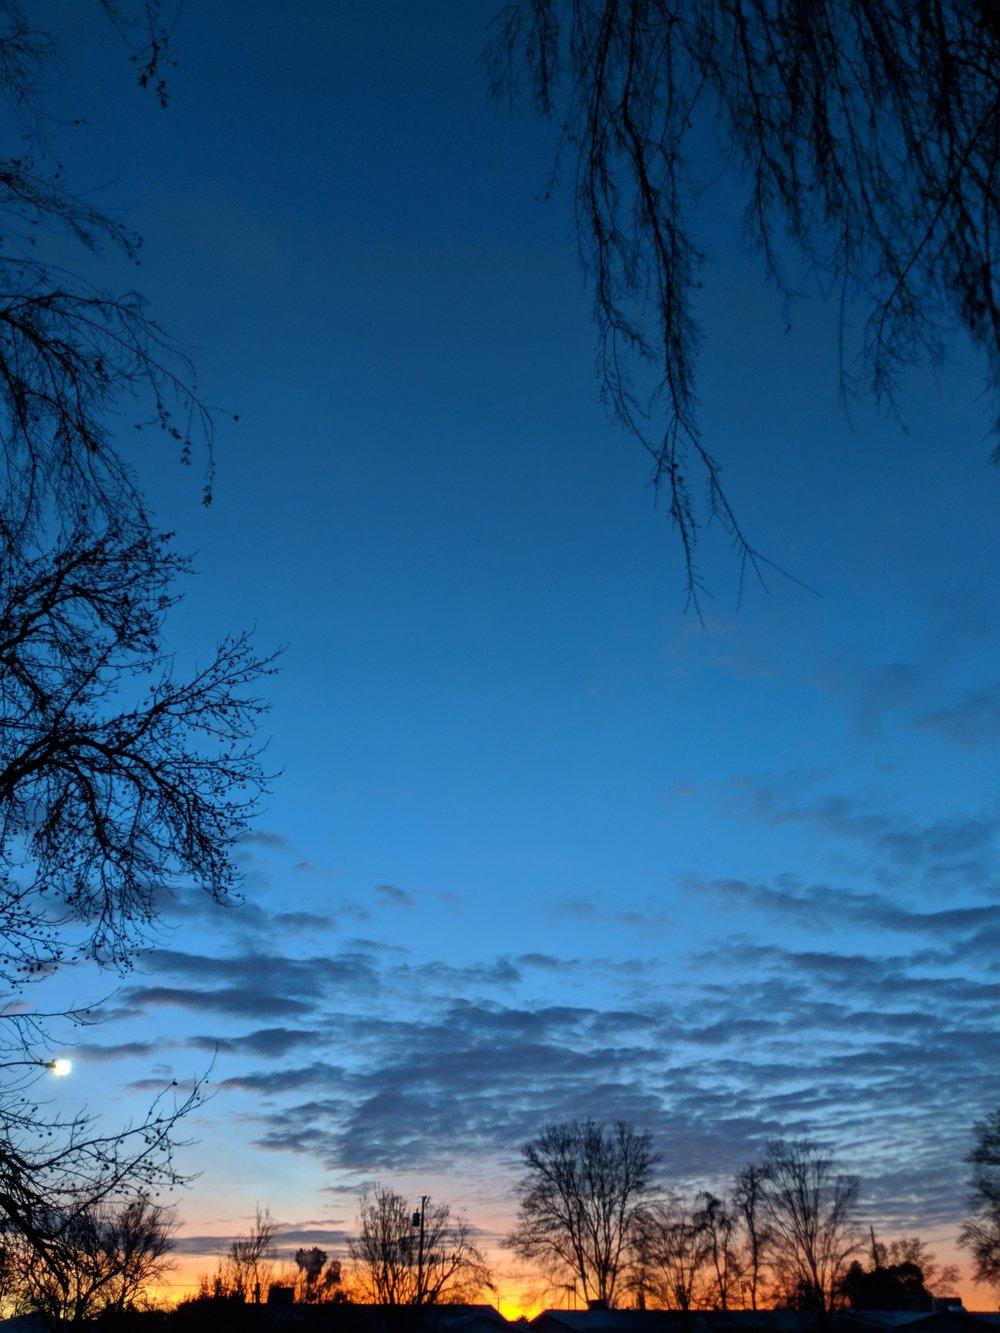 bri rinehart; sunrise; hanford; california; photography